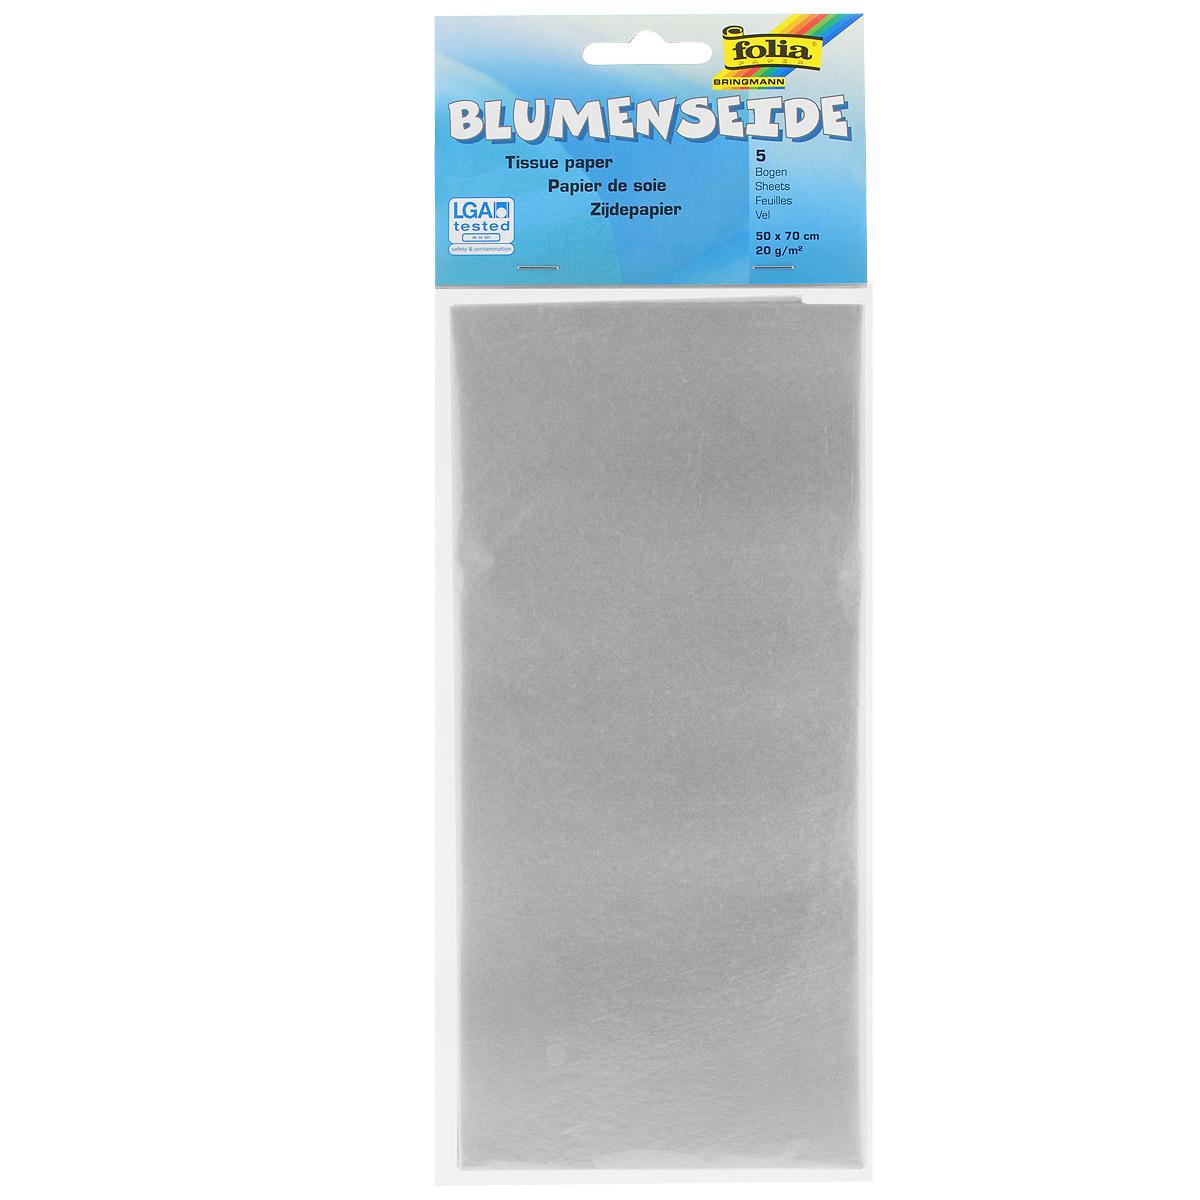 Бумага папиросная Folia, цвет: серебристый (66), 50 см х 70 см, 5 листов. 7708124_66 креповая или папиросная бумага или тонкая упаковочная бумага купить томск